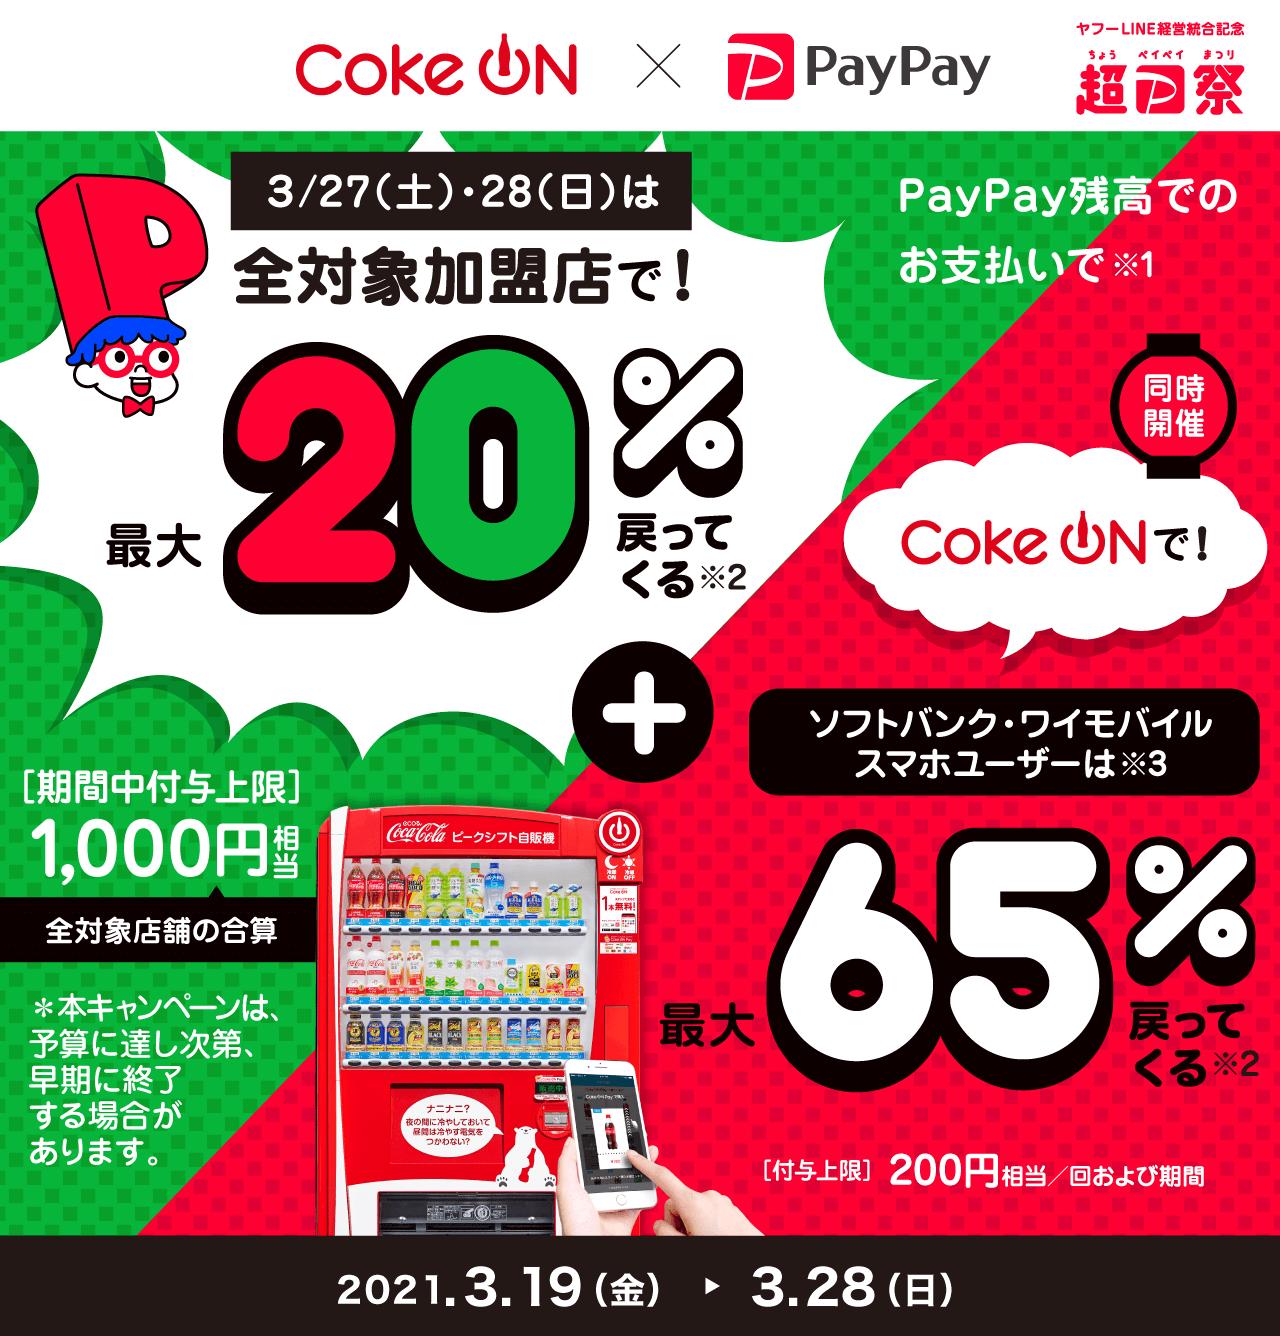 3/27(土)・28(日)は全対象加盟店で!最大20%戻ってくる + Coke ONで!最大65%戻ってくる